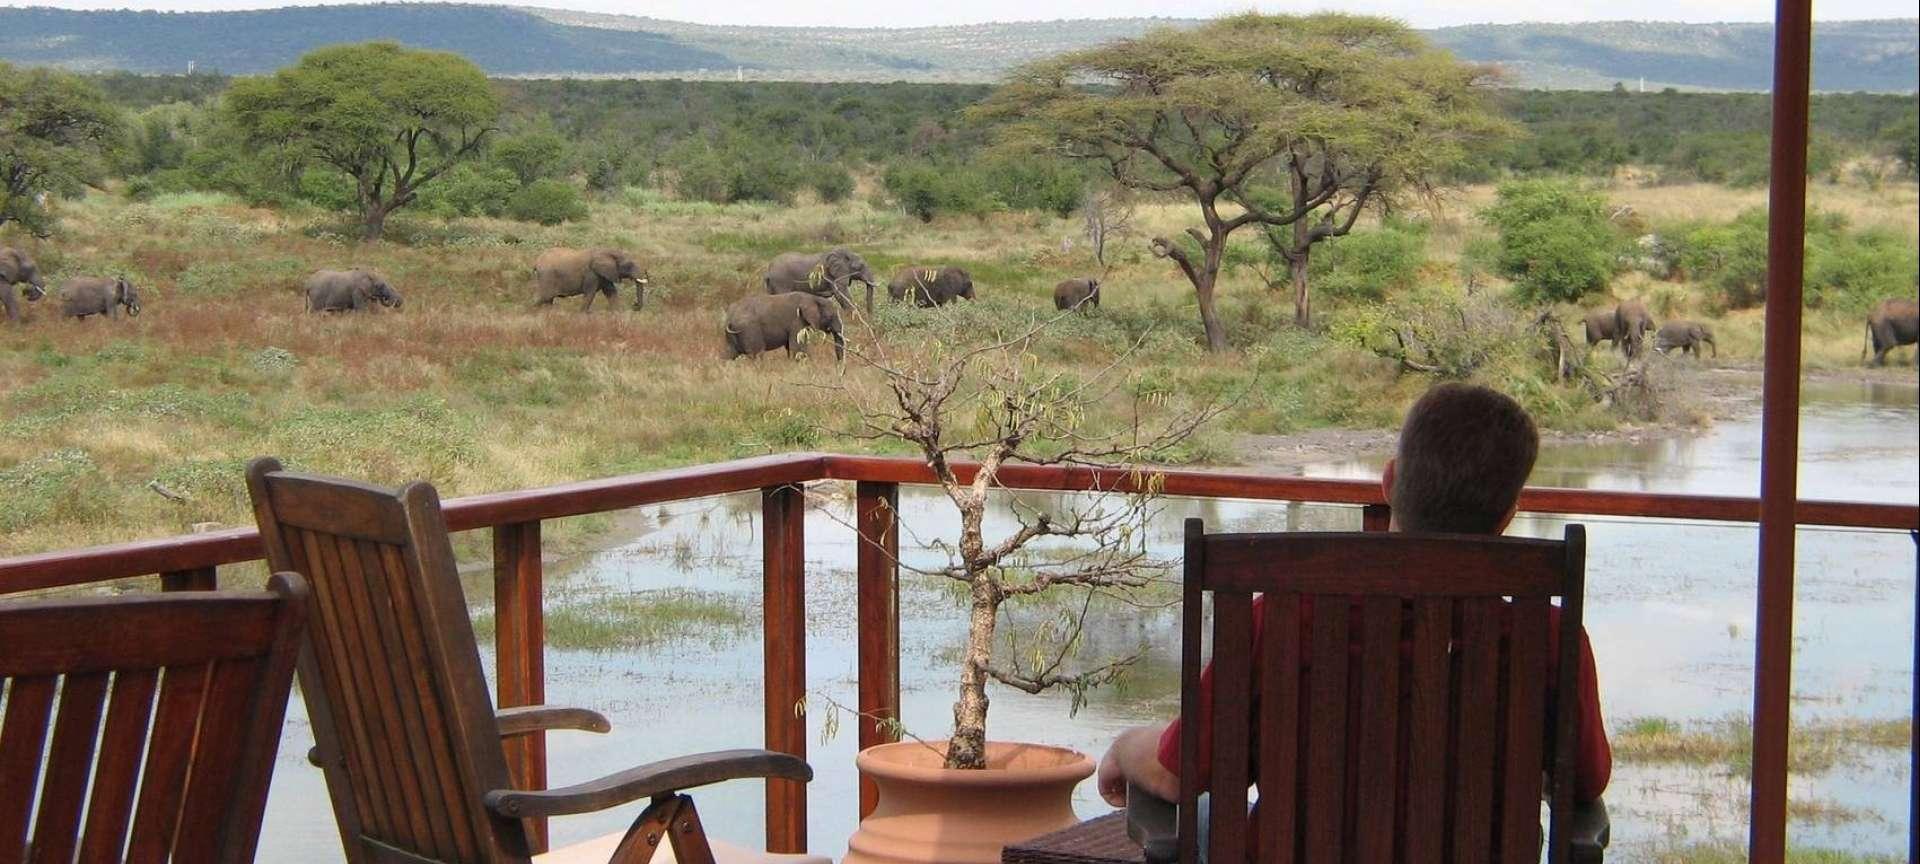 Madikwe Game Reserve - Africa Wildlife Safaris